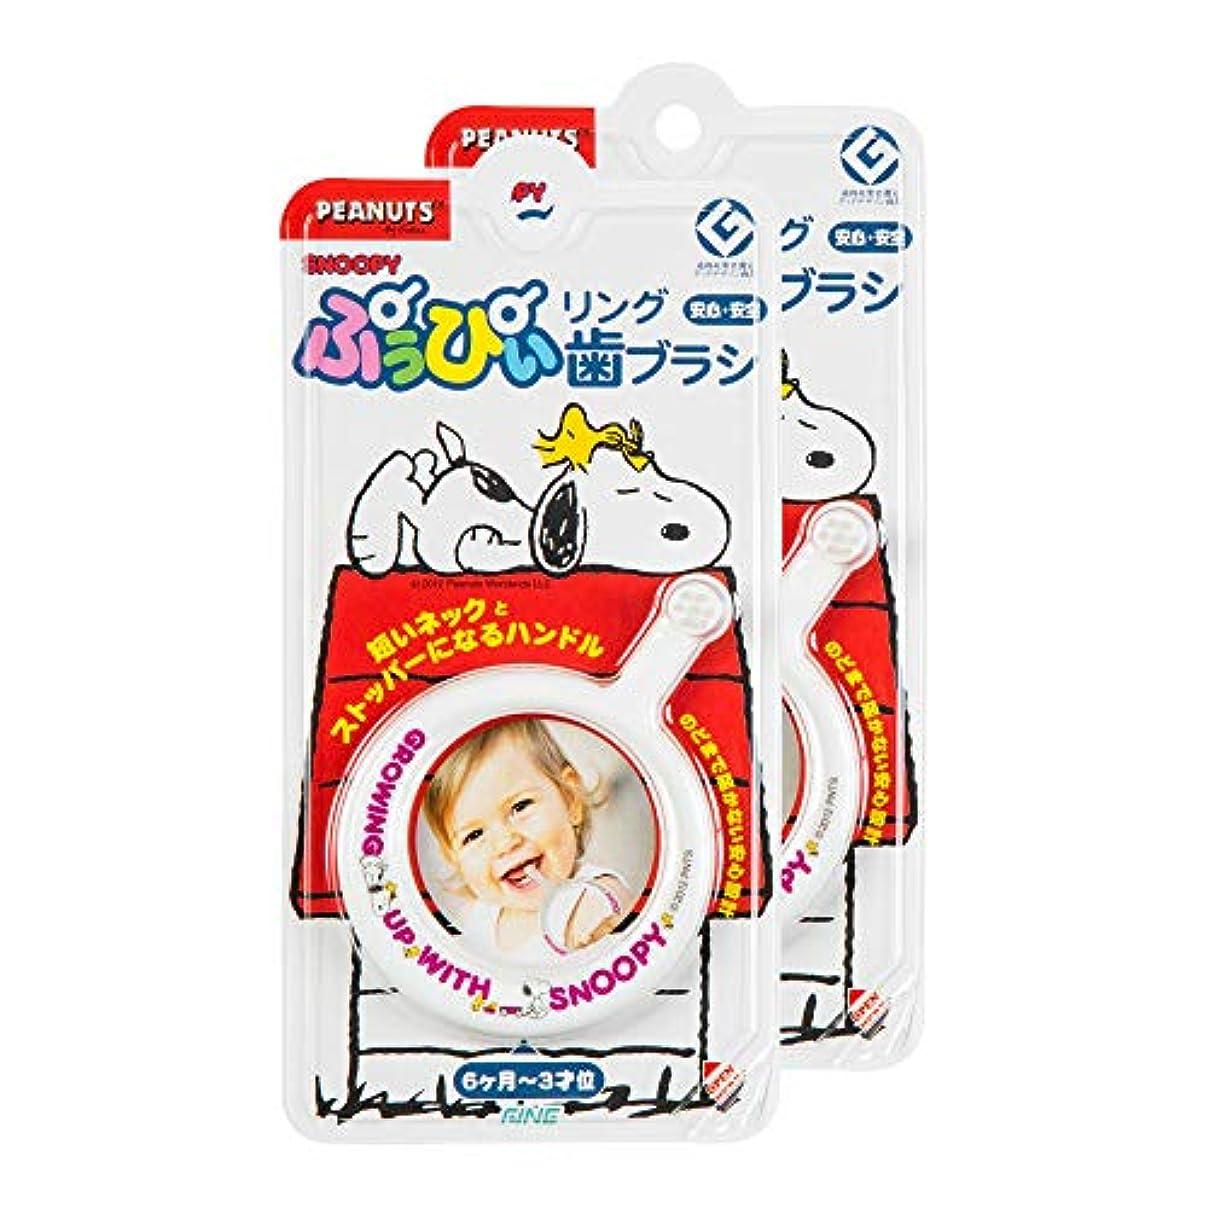 退院給料紫の【Amazon.co.jp限定】 ファイン ベビー用歯ブラシ 2個組 ピンク 2組 4976858872099